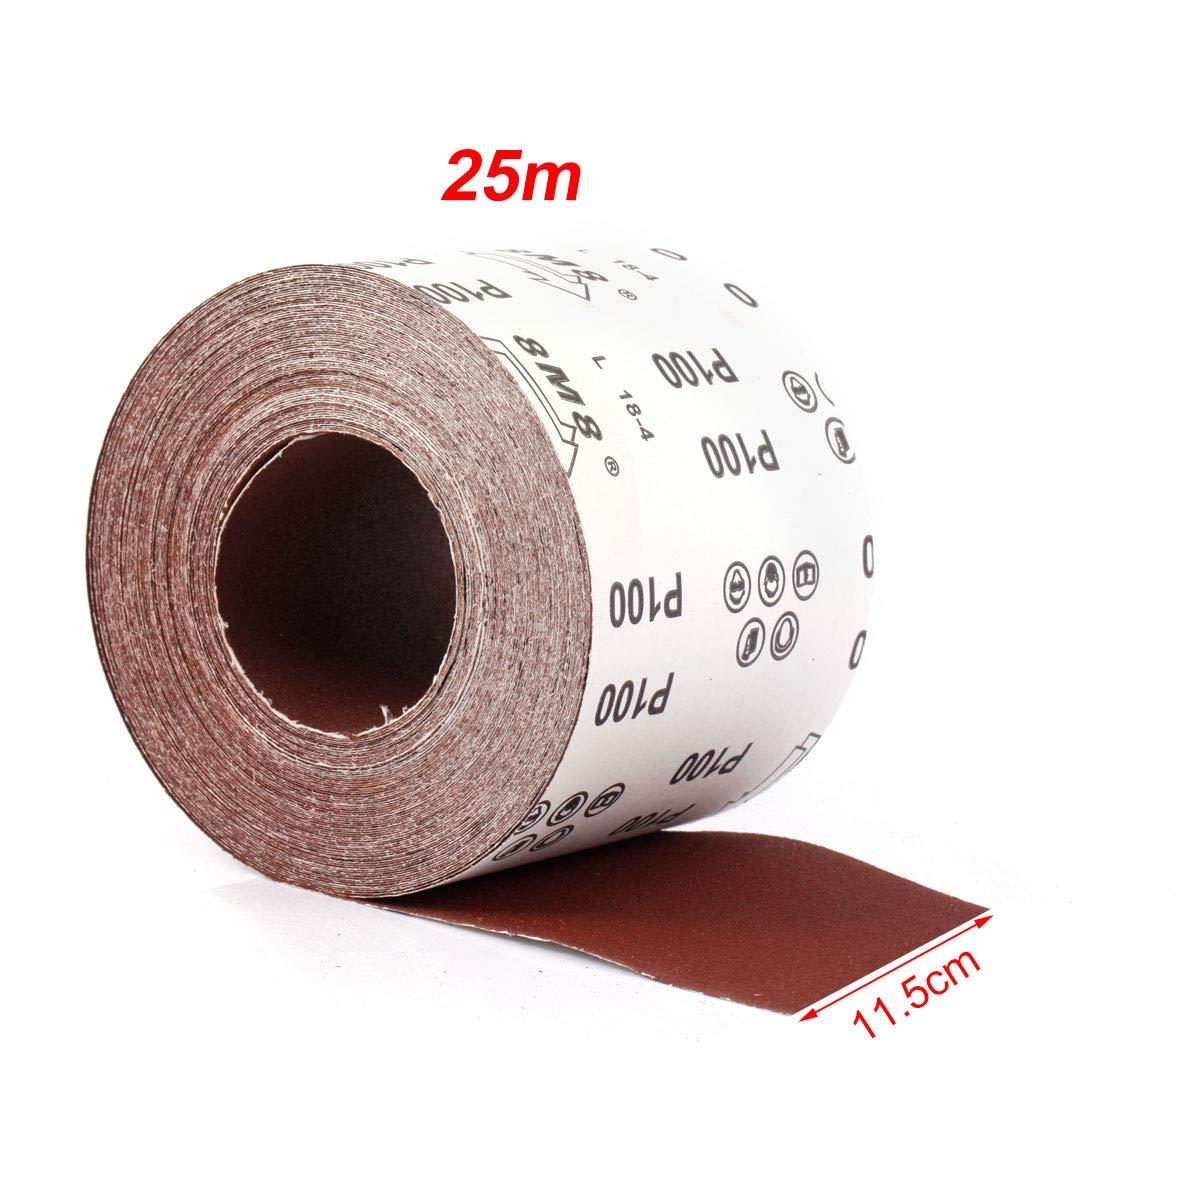 Grana 240,1 Rotolo di Carta Vetrata per Levigatrice Orbitale Rosso SurePromise Dischi Abrasivi con Velcro 25 m x 115 mm